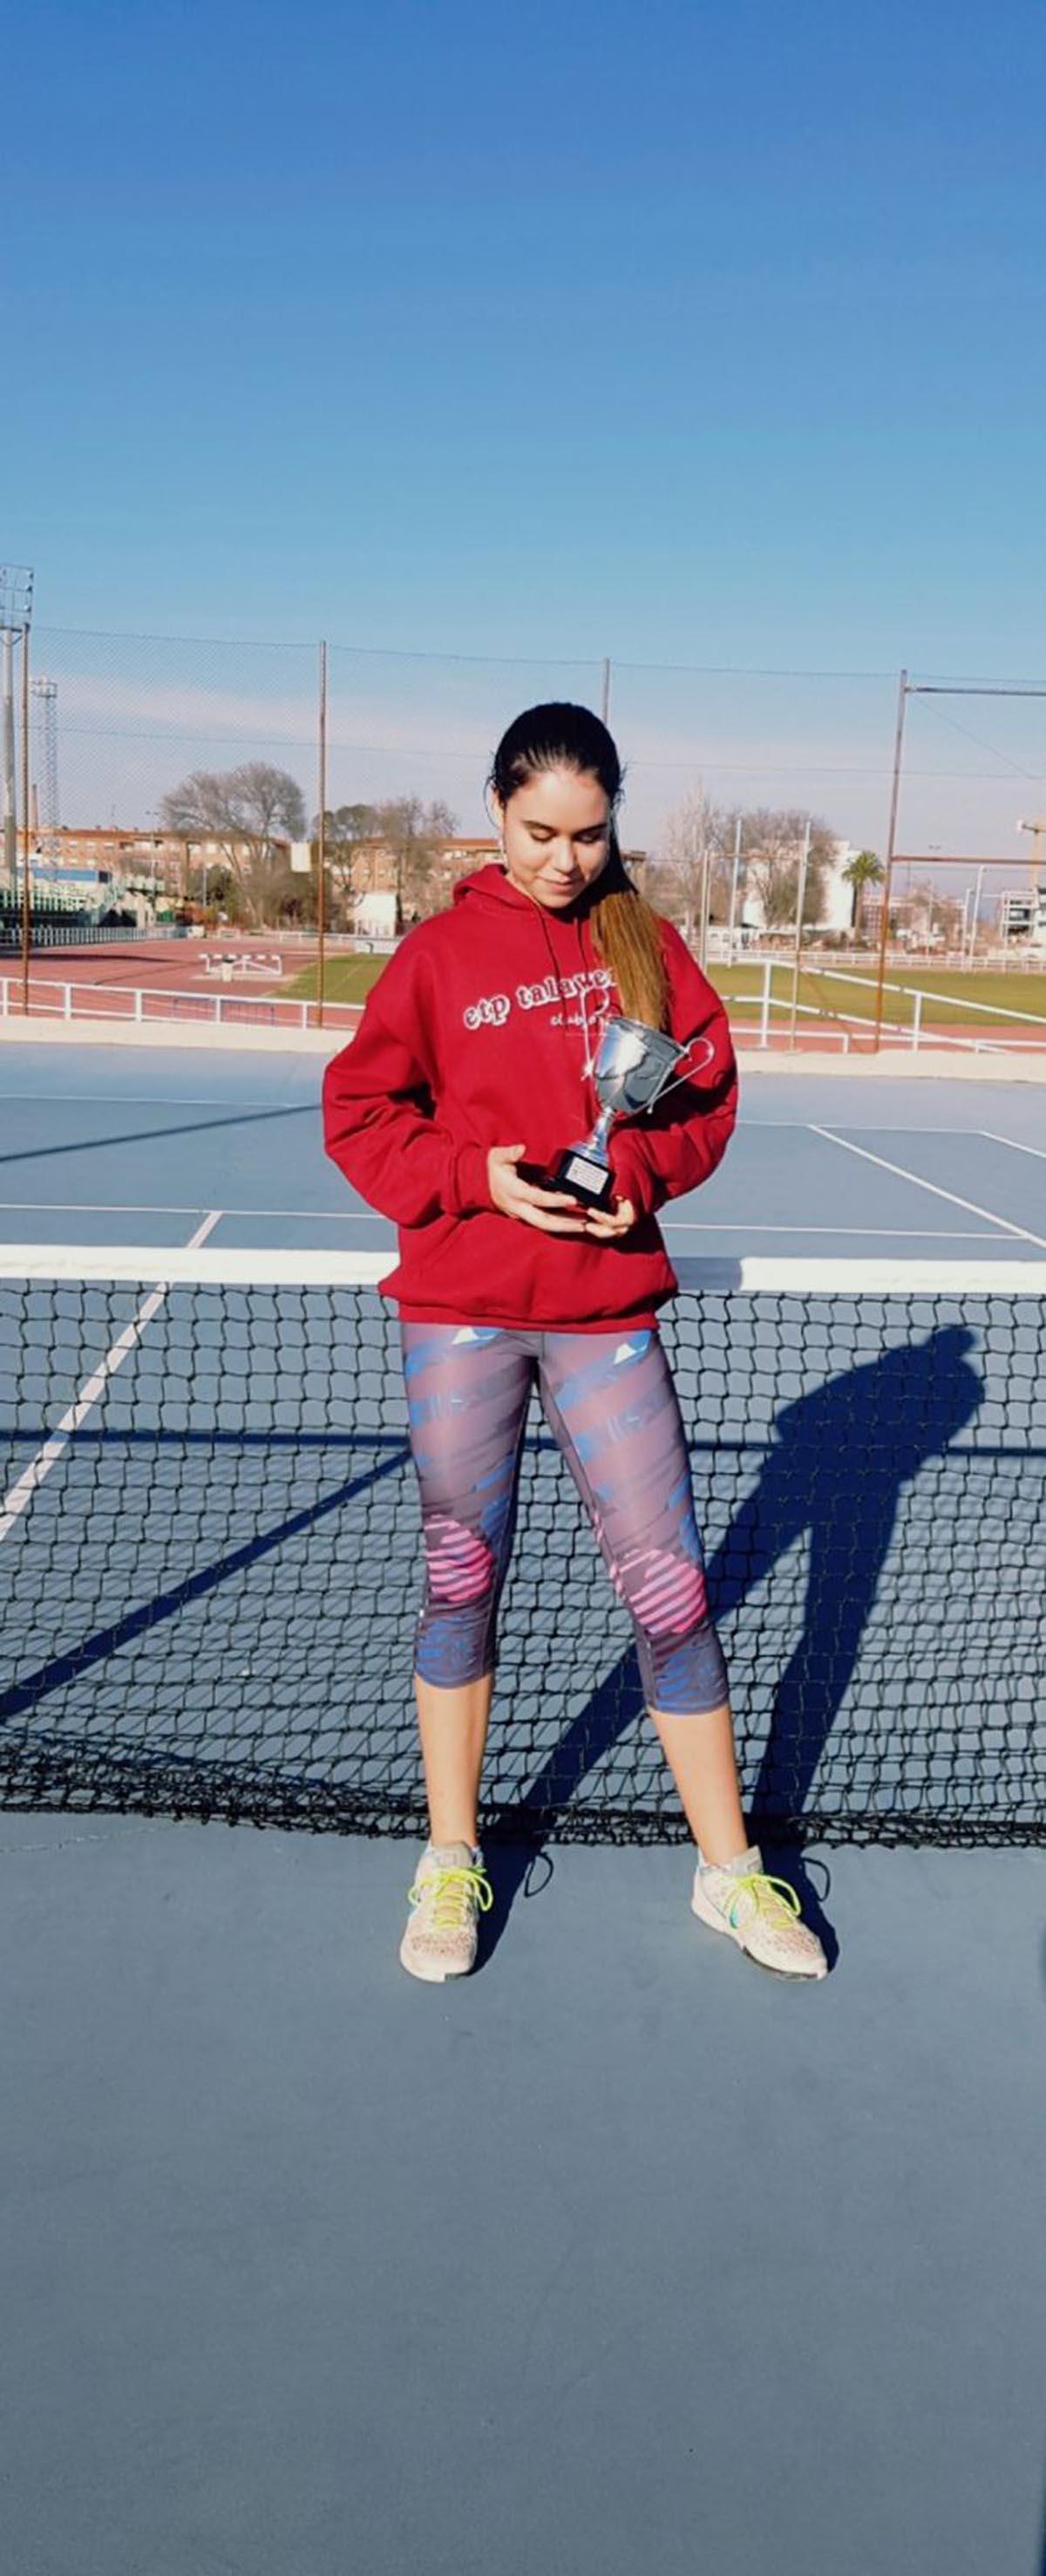 Ángela Juárez, ganadora del torneo de tenis Copa de Plata